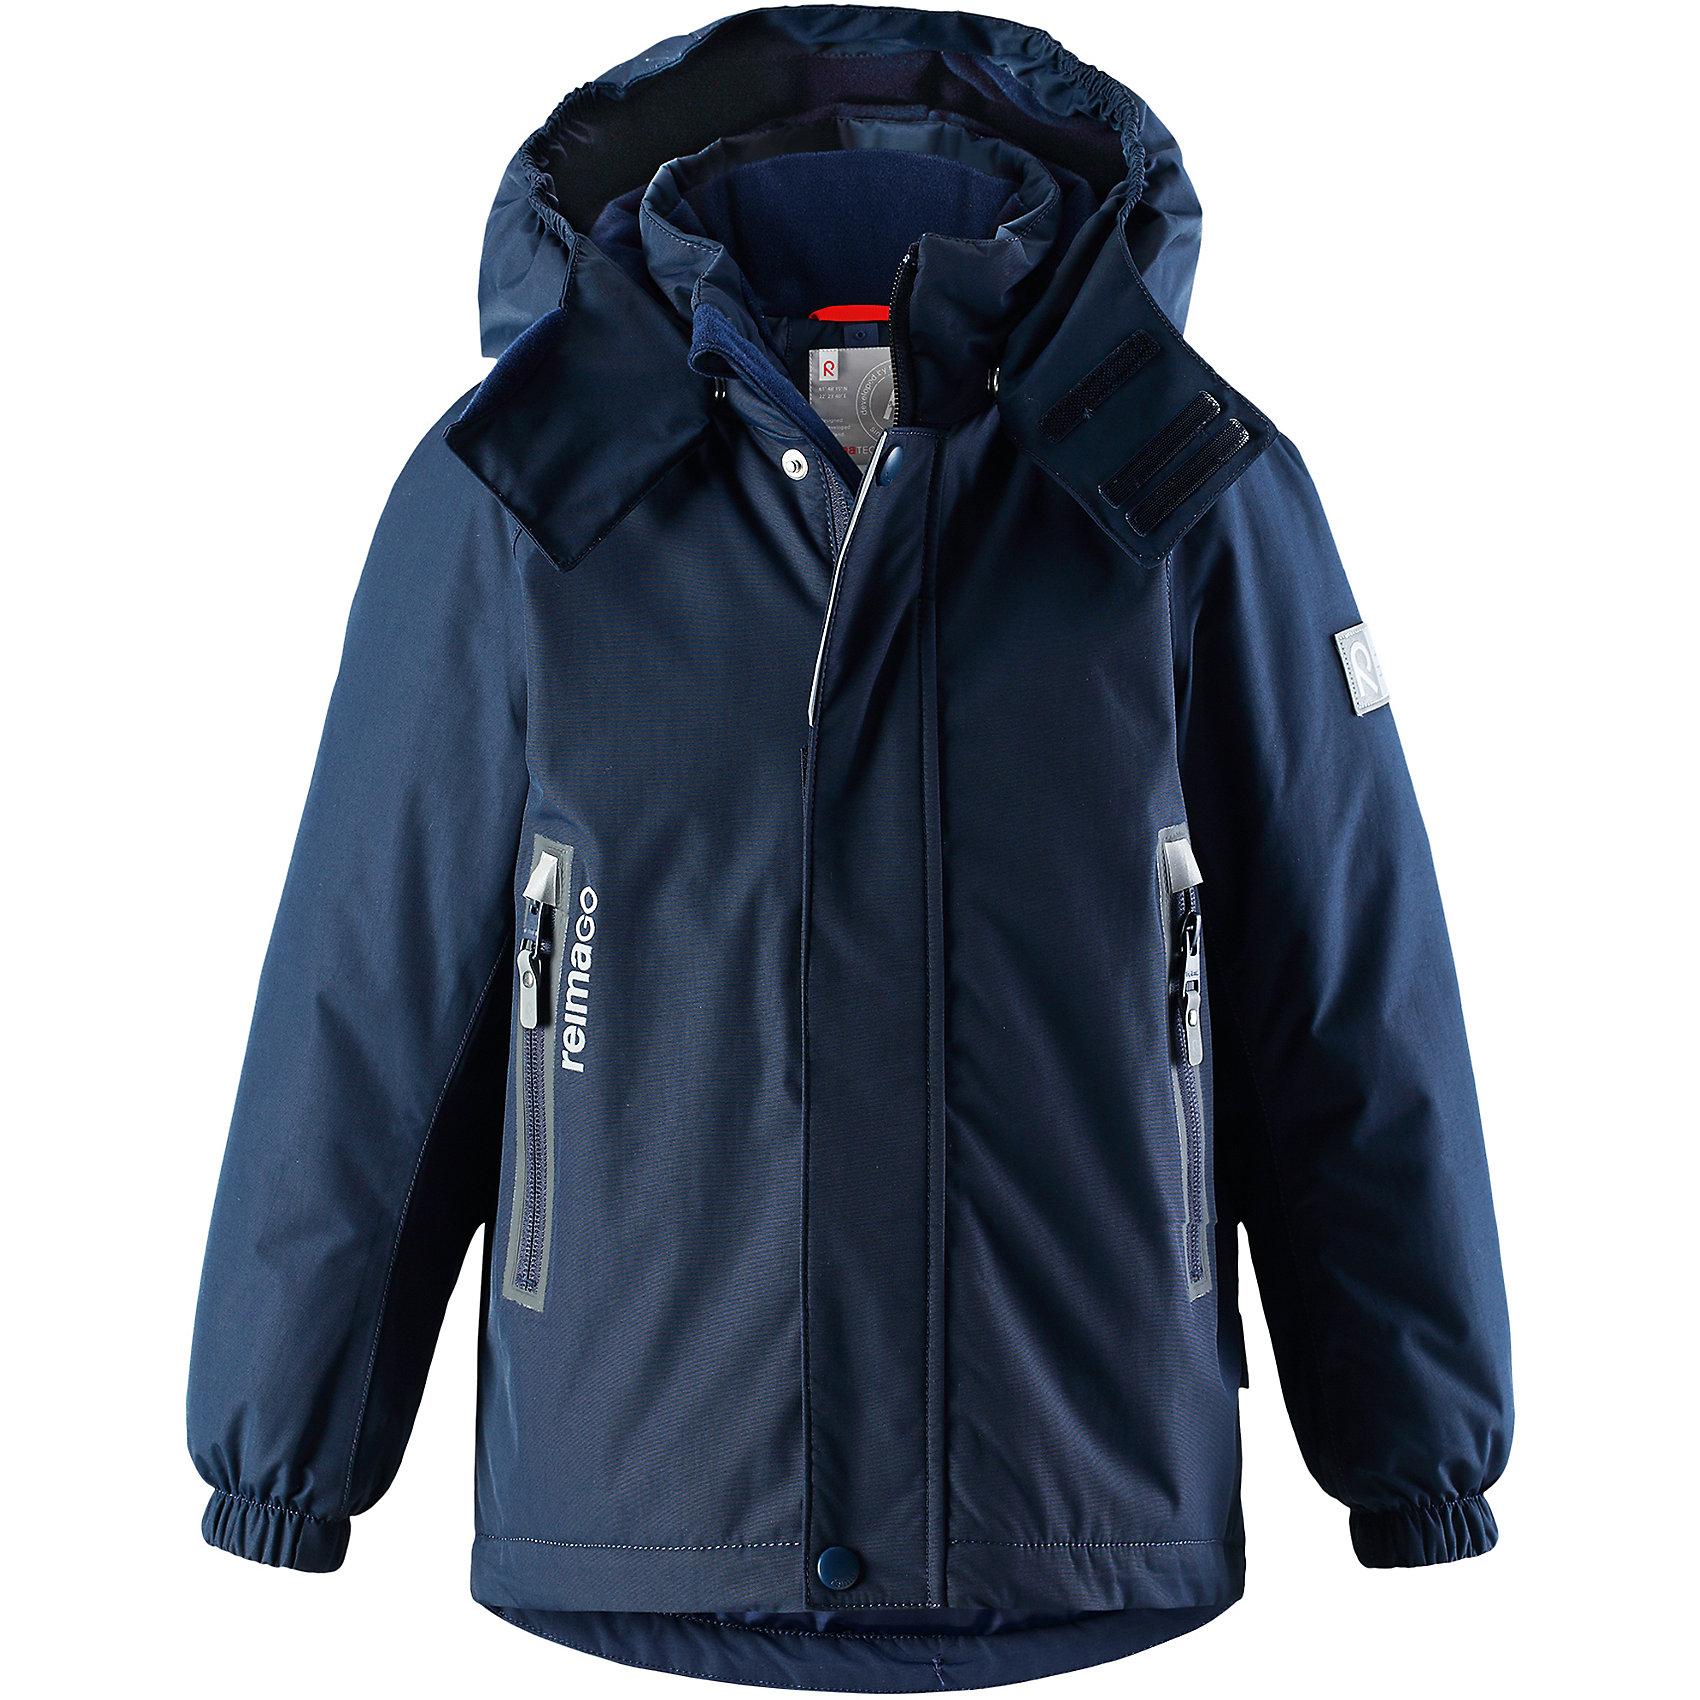 Куртка Chant Reimatec® ReimaЗимние куртки<br>Характеристики товара:<br><br>• цвет: темно-синий;<br>• состав: 100% полиэстер;<br>• утеплитель: 160 г/м2;<br>• сезон: зима;<br>• температурный режим: от 0 до -20С;<br>• водонепроницаемость: 15000 мм;<br>• воздухопроницаемость: 7000 мм;<br>• износостойкость: 40000 циклов (тест Мартиндейла);<br>• водо и ветронепроницаемый, дышащий и грязеотталкивающий материал;<br>• все швы проклеены и водонепроницаемы;<br>• безопасный съемный  и регулируемый капюшон на кнопках;<br>• застежка: молния с дополнительной планкой на кнопках;<br>• защита подбородка от защемления;<br>• гладкая подкладка из полиэстера;<br>• эластичные манжеты;<br>• регулируемый подол;<br>• внутренний нагрудный карман;<br>• два кармана на молнии;<br>• карман с креплением для сенсора ReimaGO®;<br>• светоотражающие элементы;<br>• система кнопок Play Layers® к этой куртке можно присоединять одежду промежуточного слоя Reima®;<br>• страна бренда: Финляндия;<br>• страна производства: Китай.<br><br>Зимняя куртка Reimatec® изготовлена из водо и ветронепроницаемого, дышащего материала, который эффективно отталкивает грязь. Все швы проклеены, водонепроницаемы. В этой куртке прямого покроя подол при необходимости легко регулируется, что позволяет подогнать куртку точно по фигуре. <br><br>Съемный и регулируемый капюшон защищает от пронизывающего ветра и проливного дождя, а еще он безопасен во время игр на свежем воздухе. В куртке предусмотрены два кармана на молнии, внутренний нагрудный карман, карман для сенсора ReimaGO® и множество светоотражающих деталей. Эта куртка очень проста в уходе, кроме того, ее можно сушить в стиральной машине.<br><br>Куртка Chant Reimatec® Reima можно купить в нашем интернет-магазине.<br><br>Ширина мм: 356<br>Глубина мм: 10<br>Высота мм: 245<br>Вес г: 519<br>Цвет: синий<br>Возраст от месяцев: 36<br>Возраст до месяцев: 48<br>Пол: Унисекс<br>Возраст: Детский<br>Размер: 104,140,110,116,122,128,134<br>SKU: 6907866